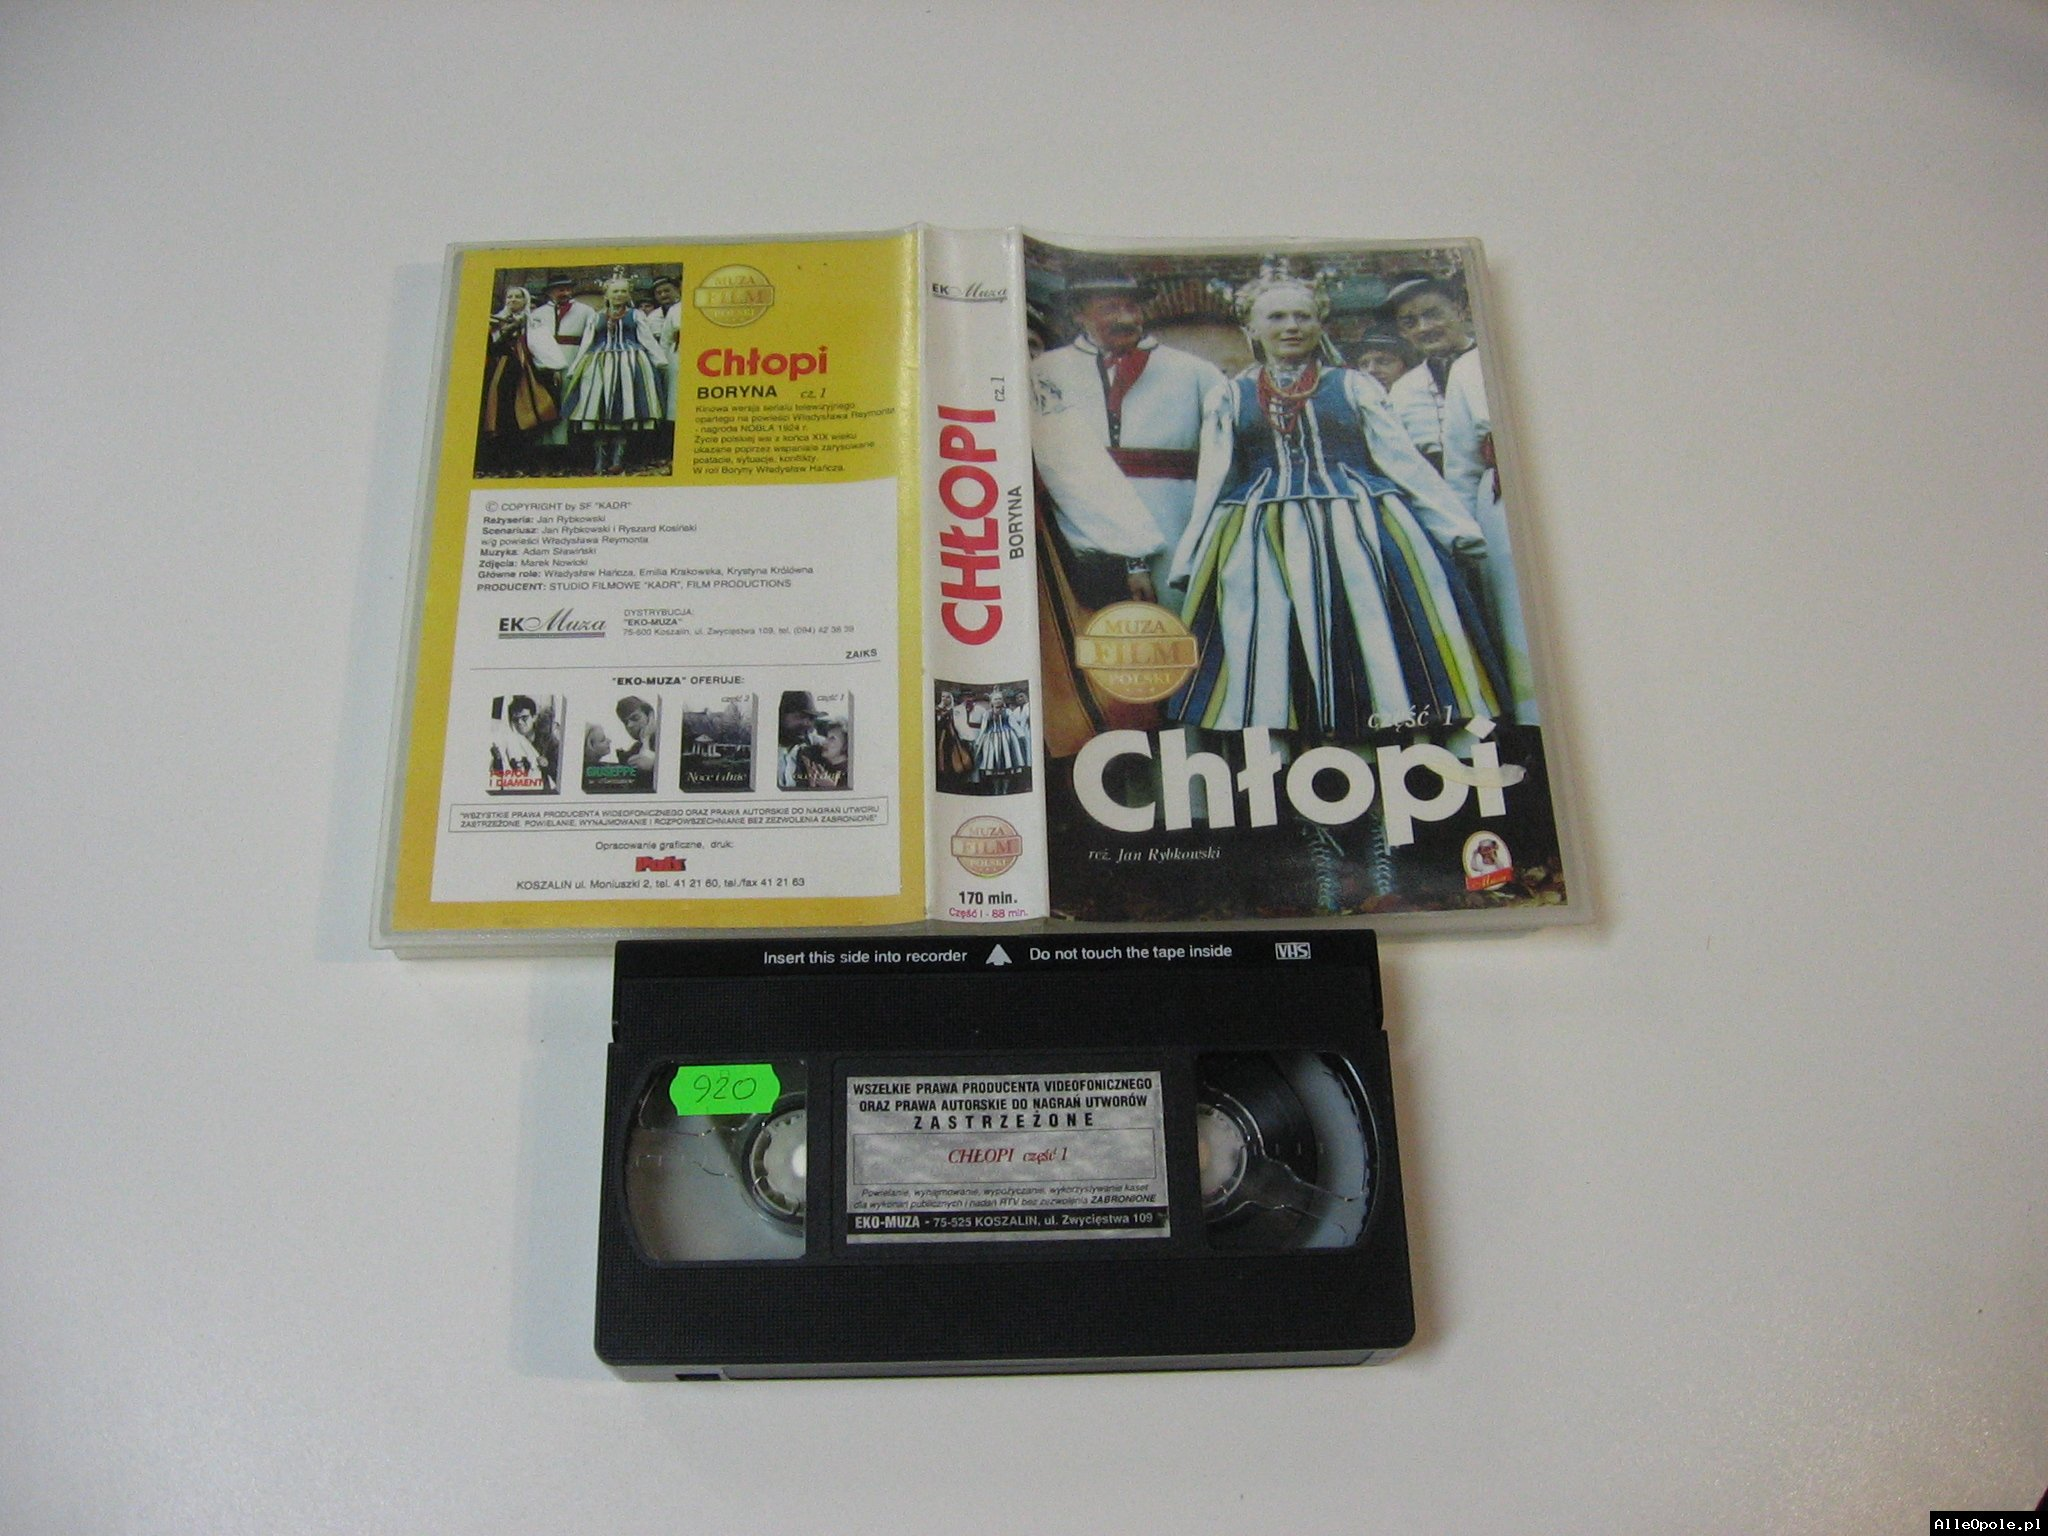 CHŁOPI 1 - VHS Kaseta Video - Opole 1780